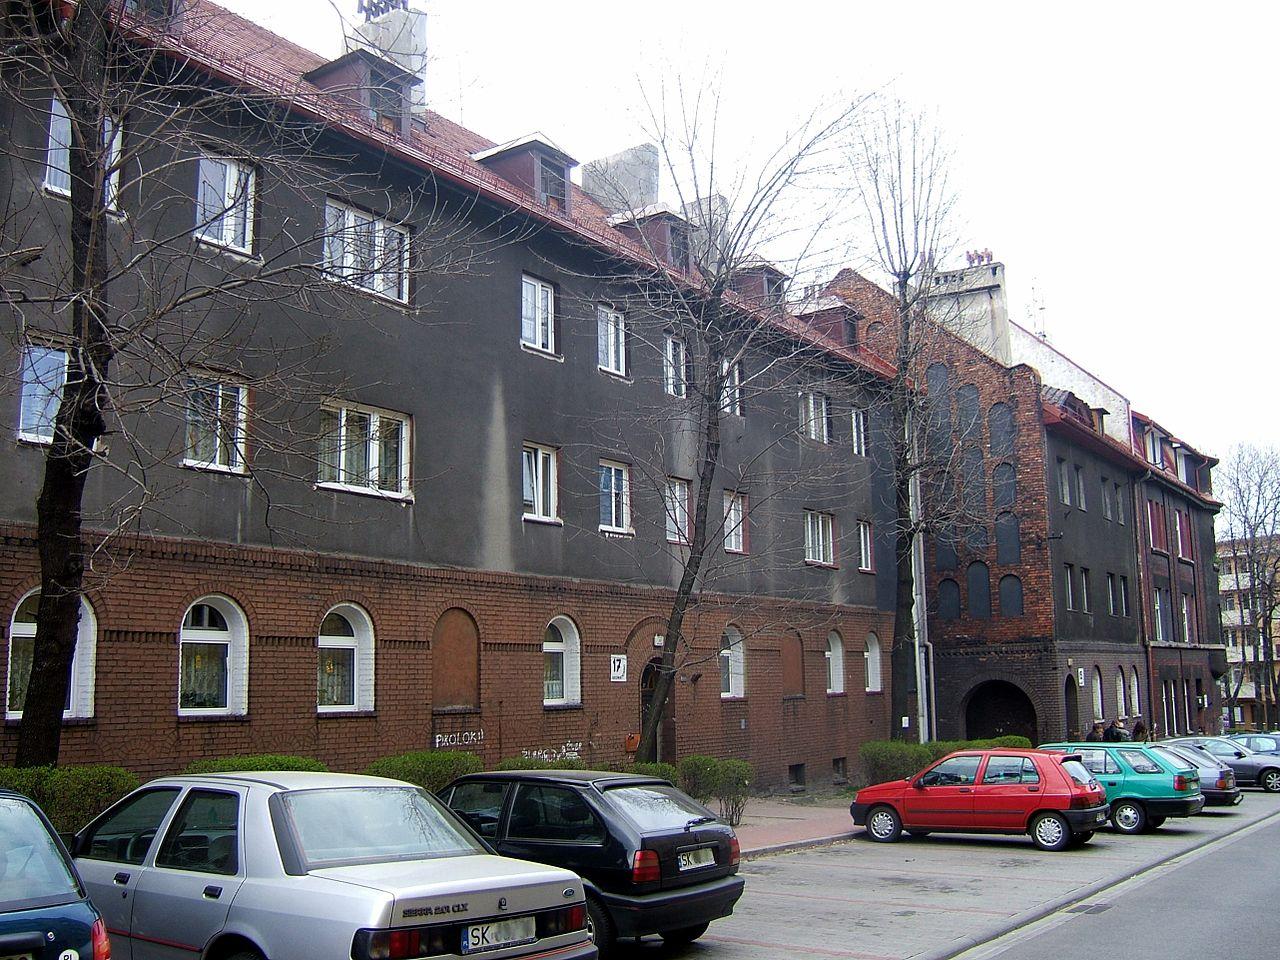 Bild Wohnsiedlung der Hohenlohewerke Kattowitz